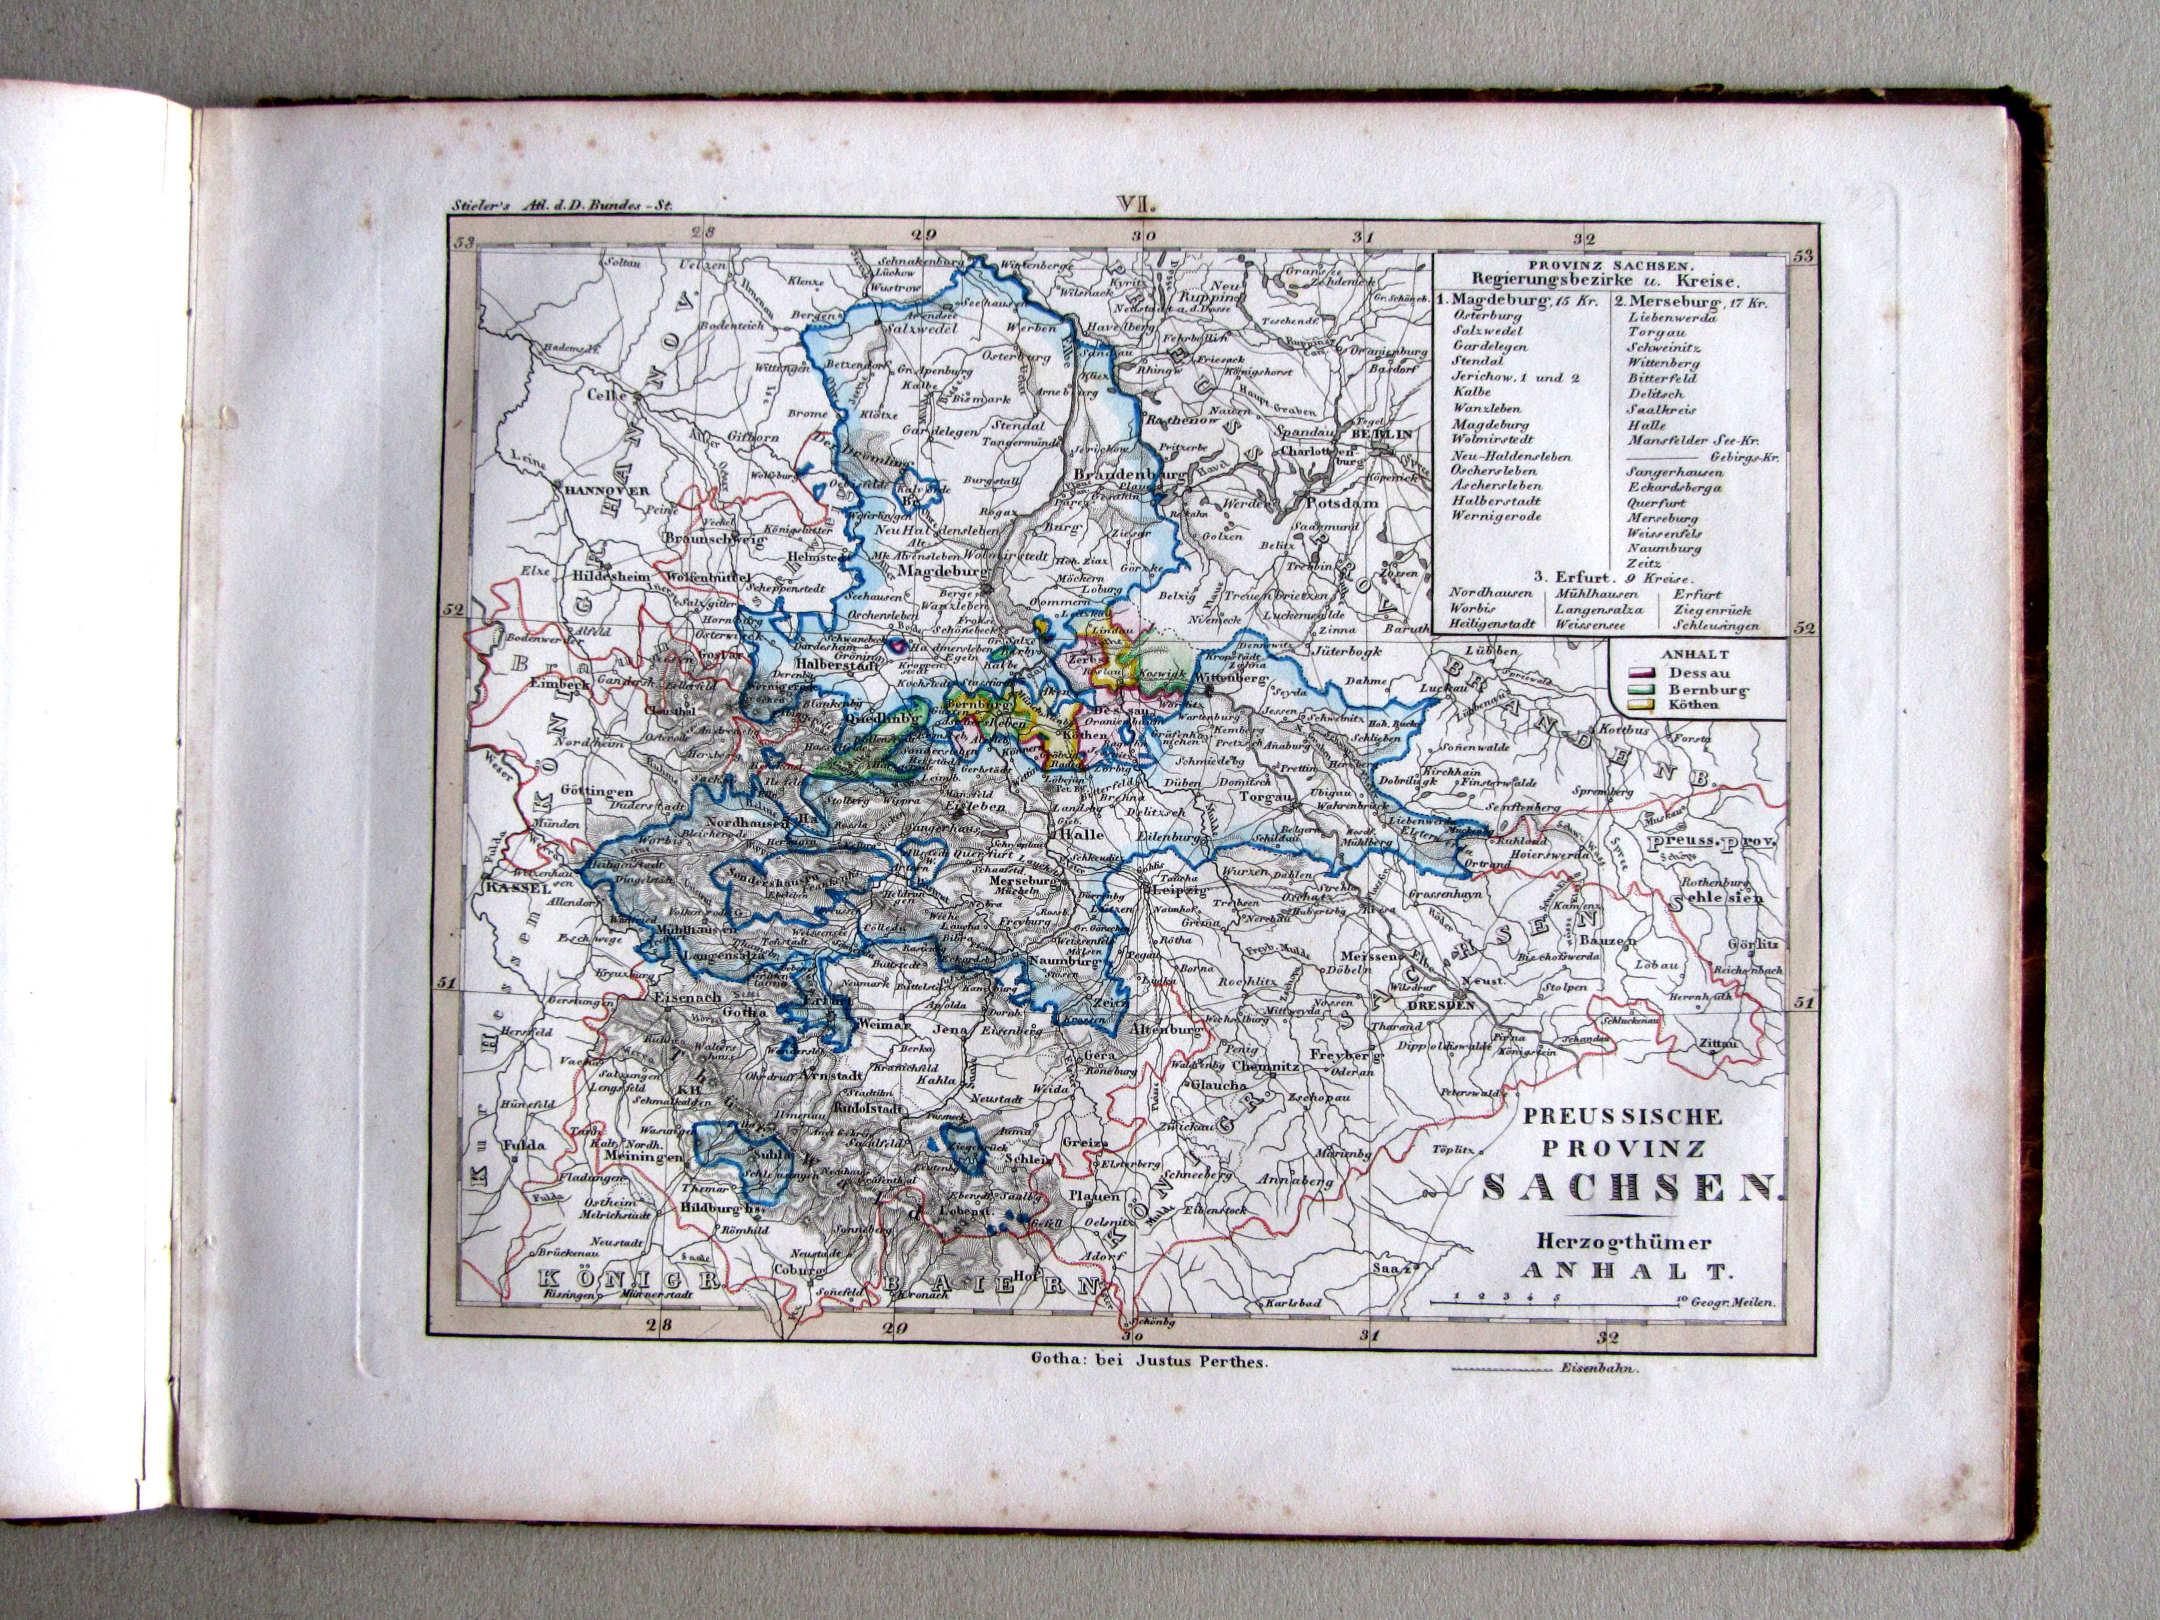 p kleiner atlas der deutschen bundes staaten 1e druk 1838. Black Bedroom Furniture Sets. Home Design Ideas